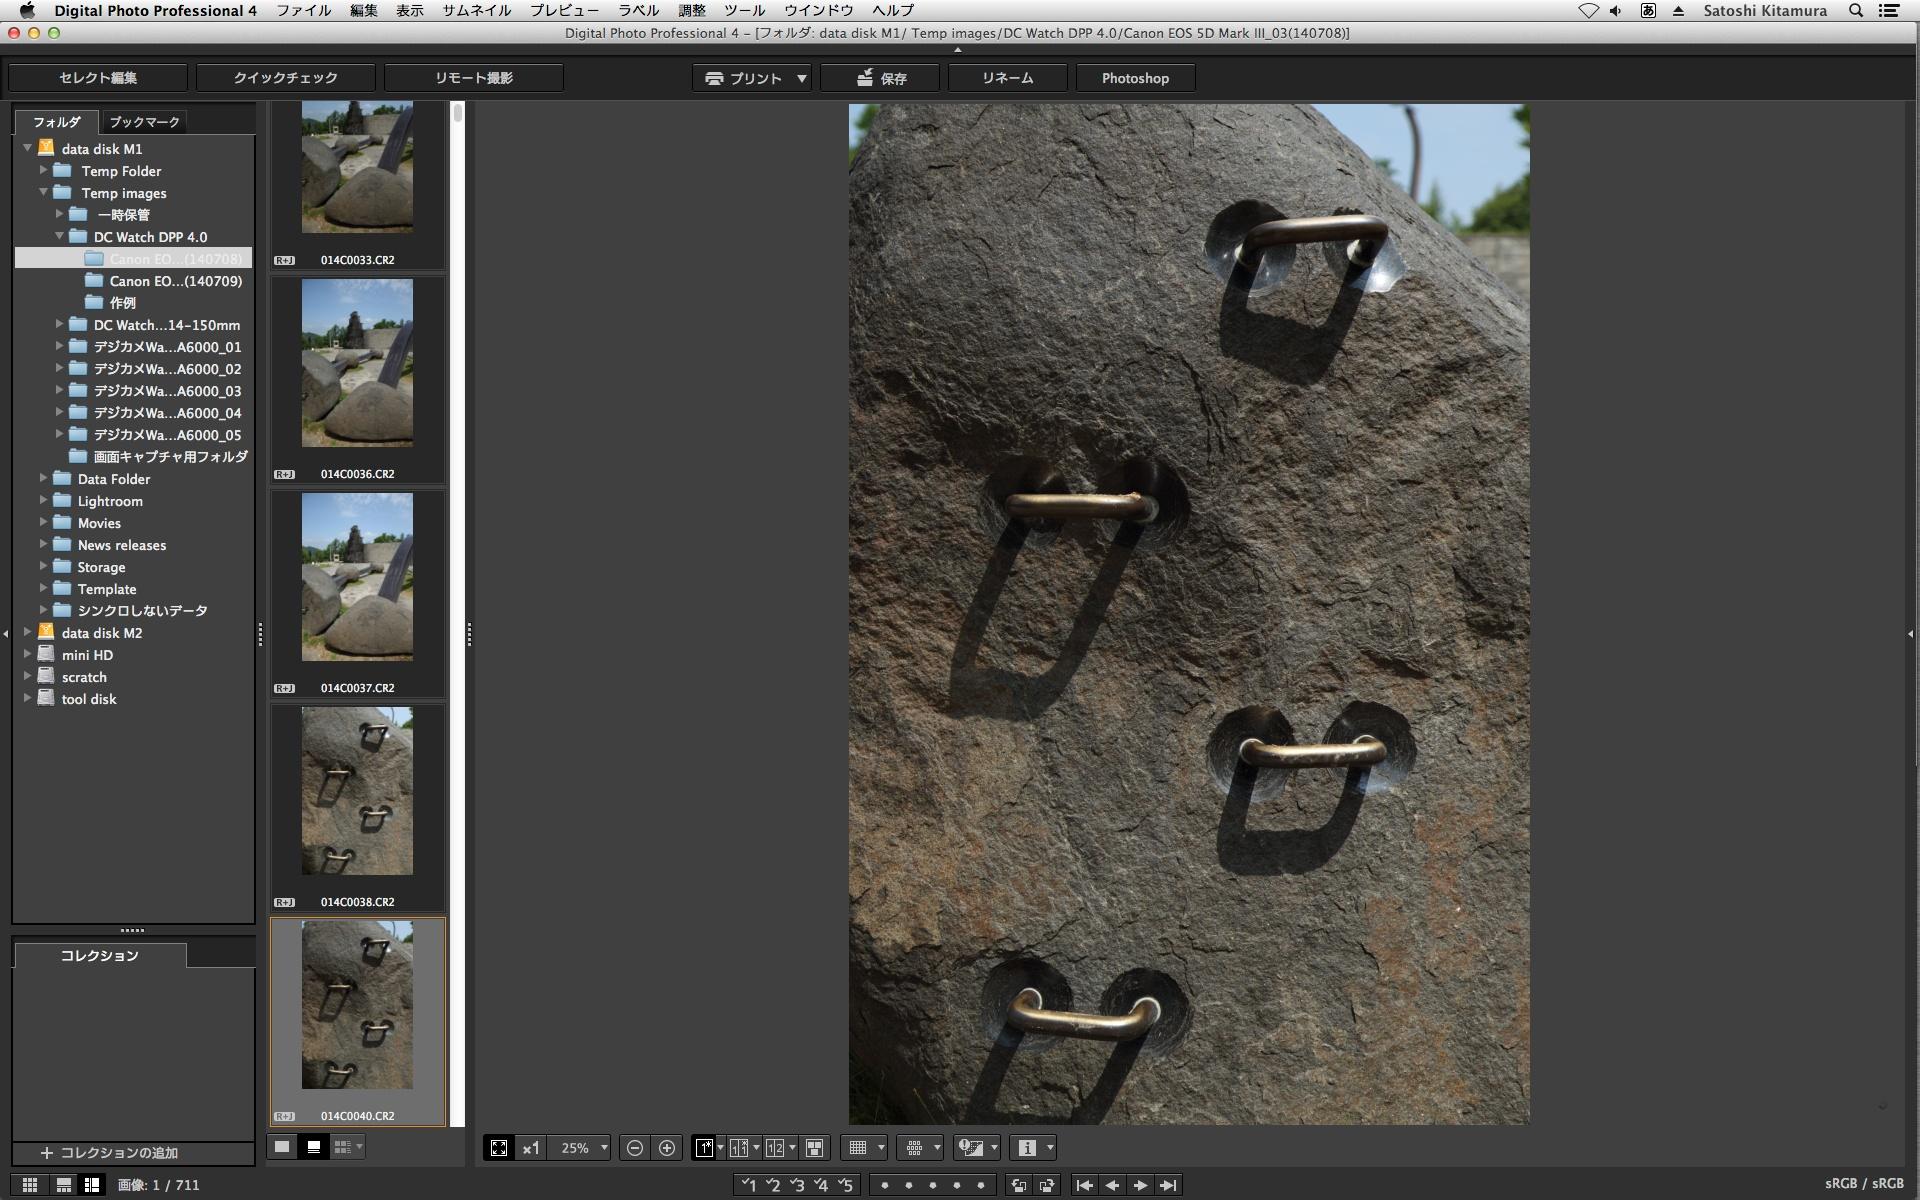 DPP 4.0では、メイン画面の表示をサムネイルとプレビュー画像を表示できるマルチレイアウト表示が可能。サムネイルの並びは縦、横が選べる。